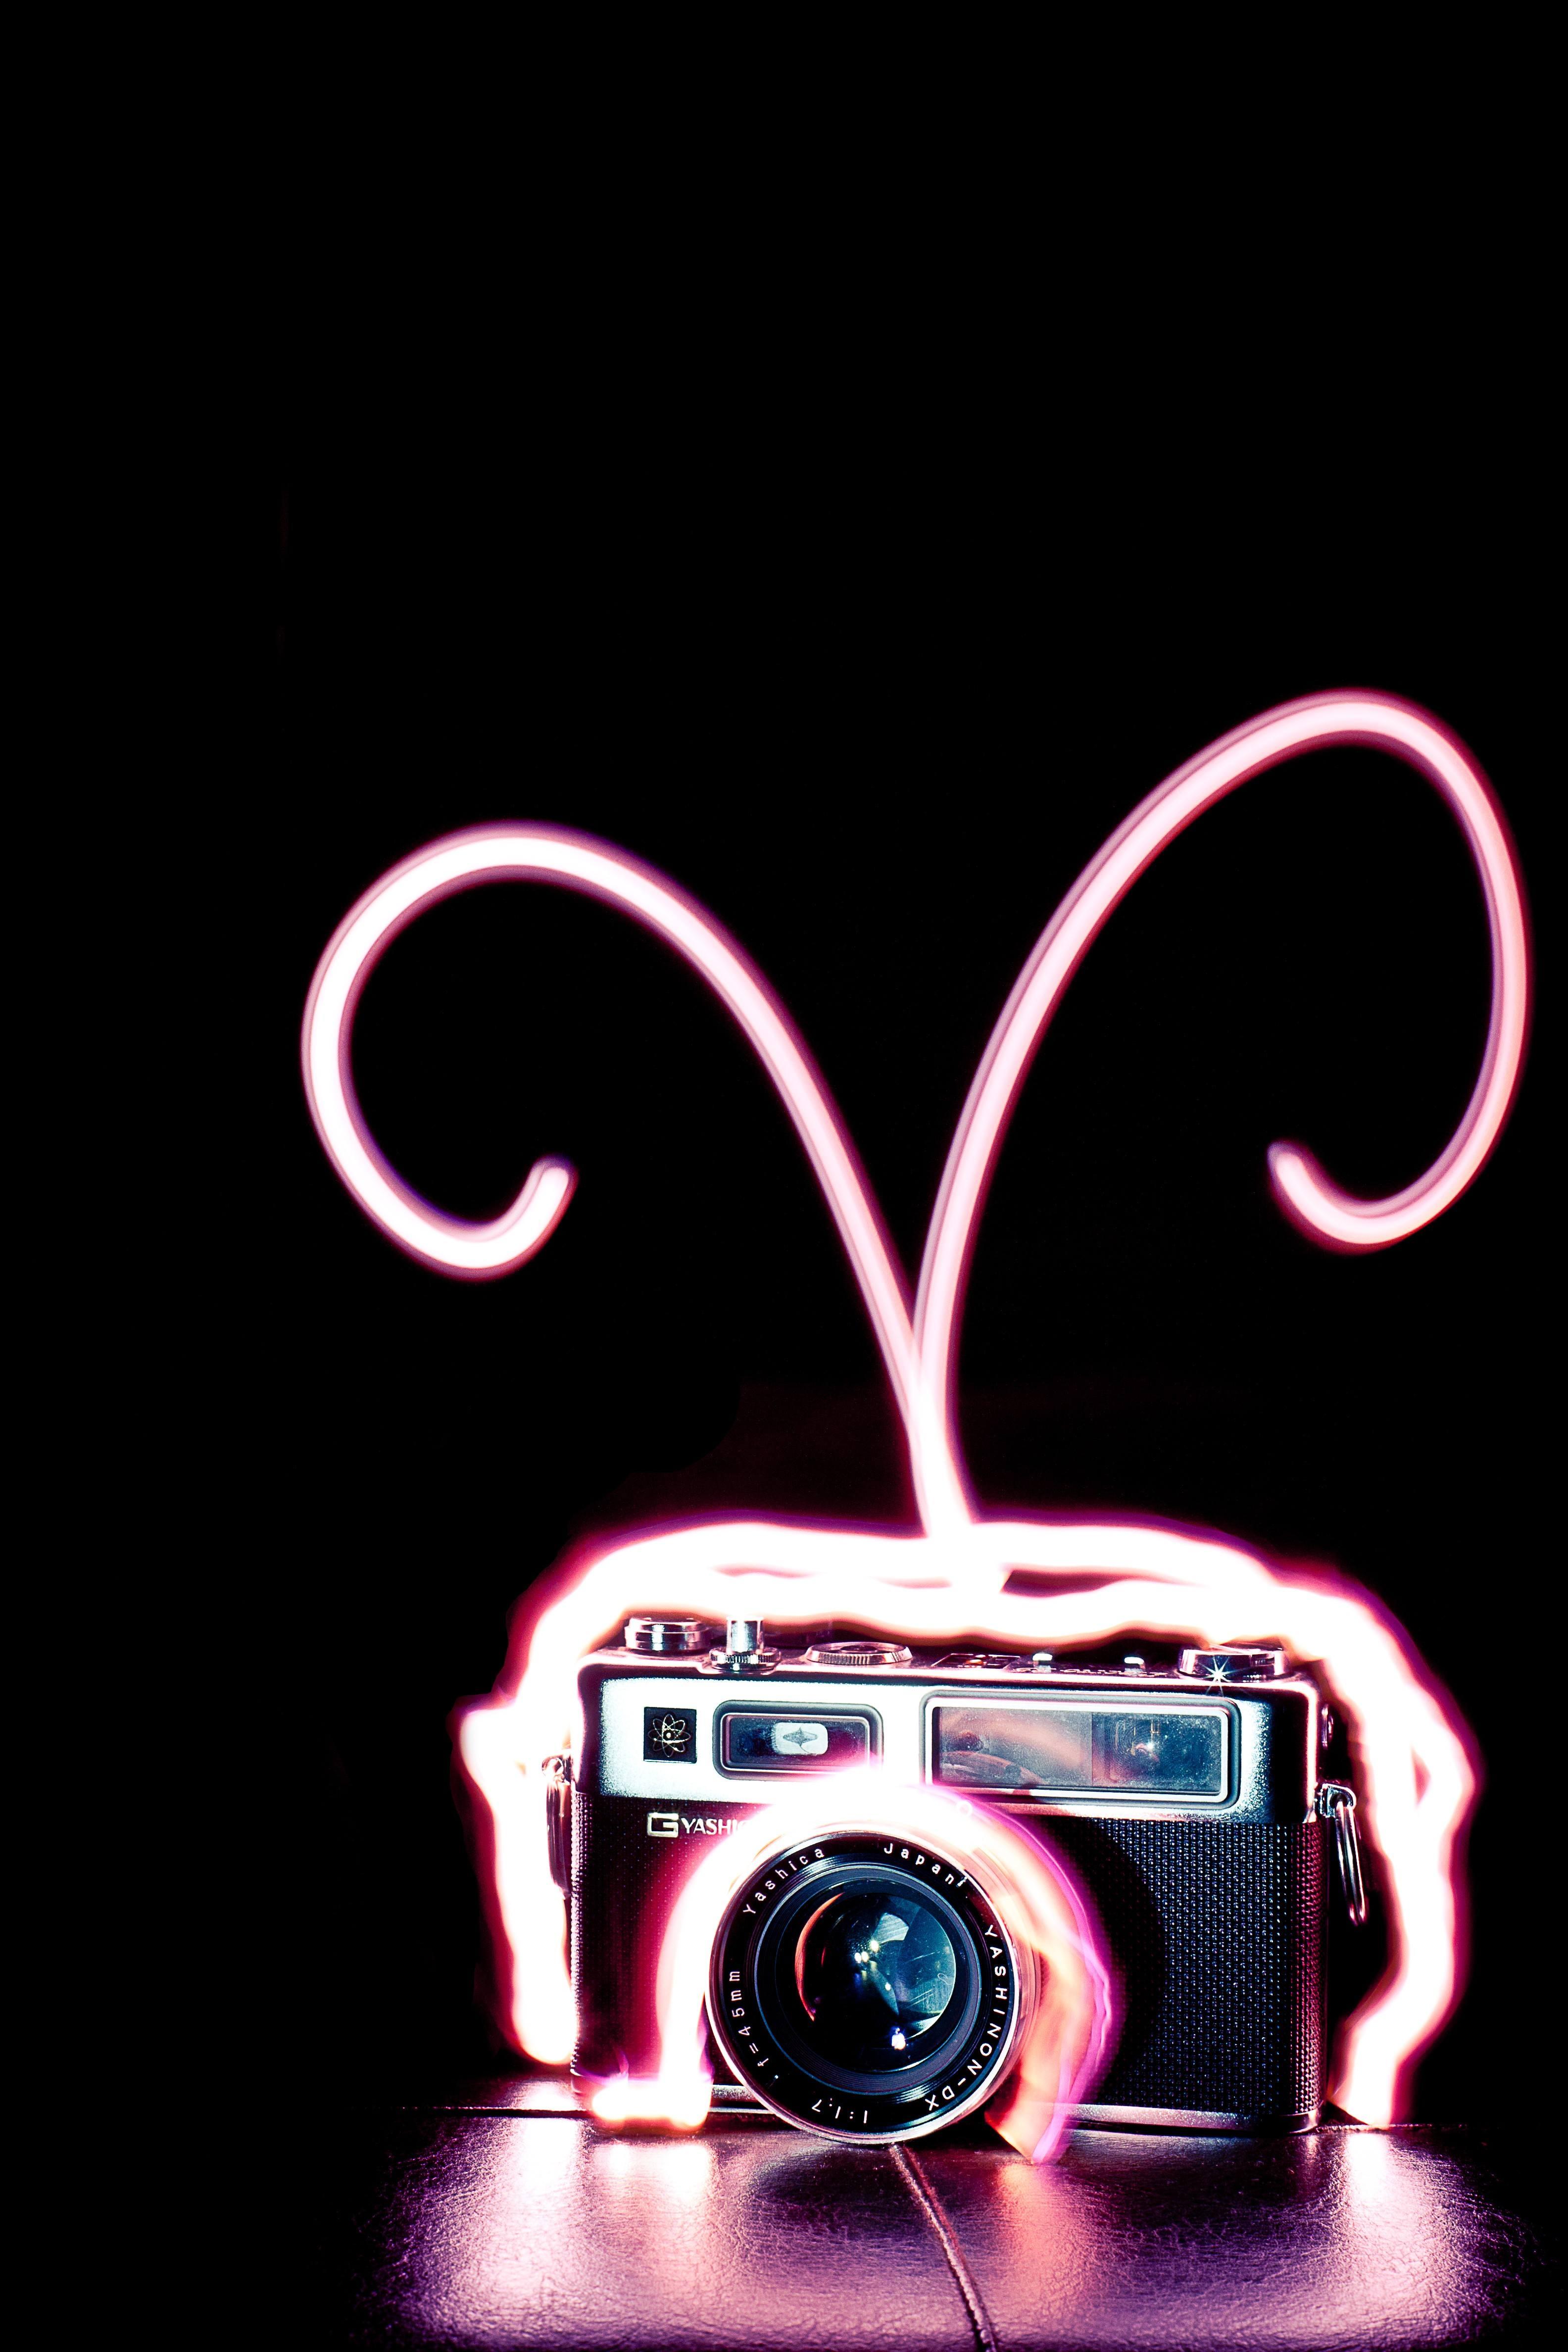 Fotografcilikta Isikla Boyama Teknigi Fotografium Blog